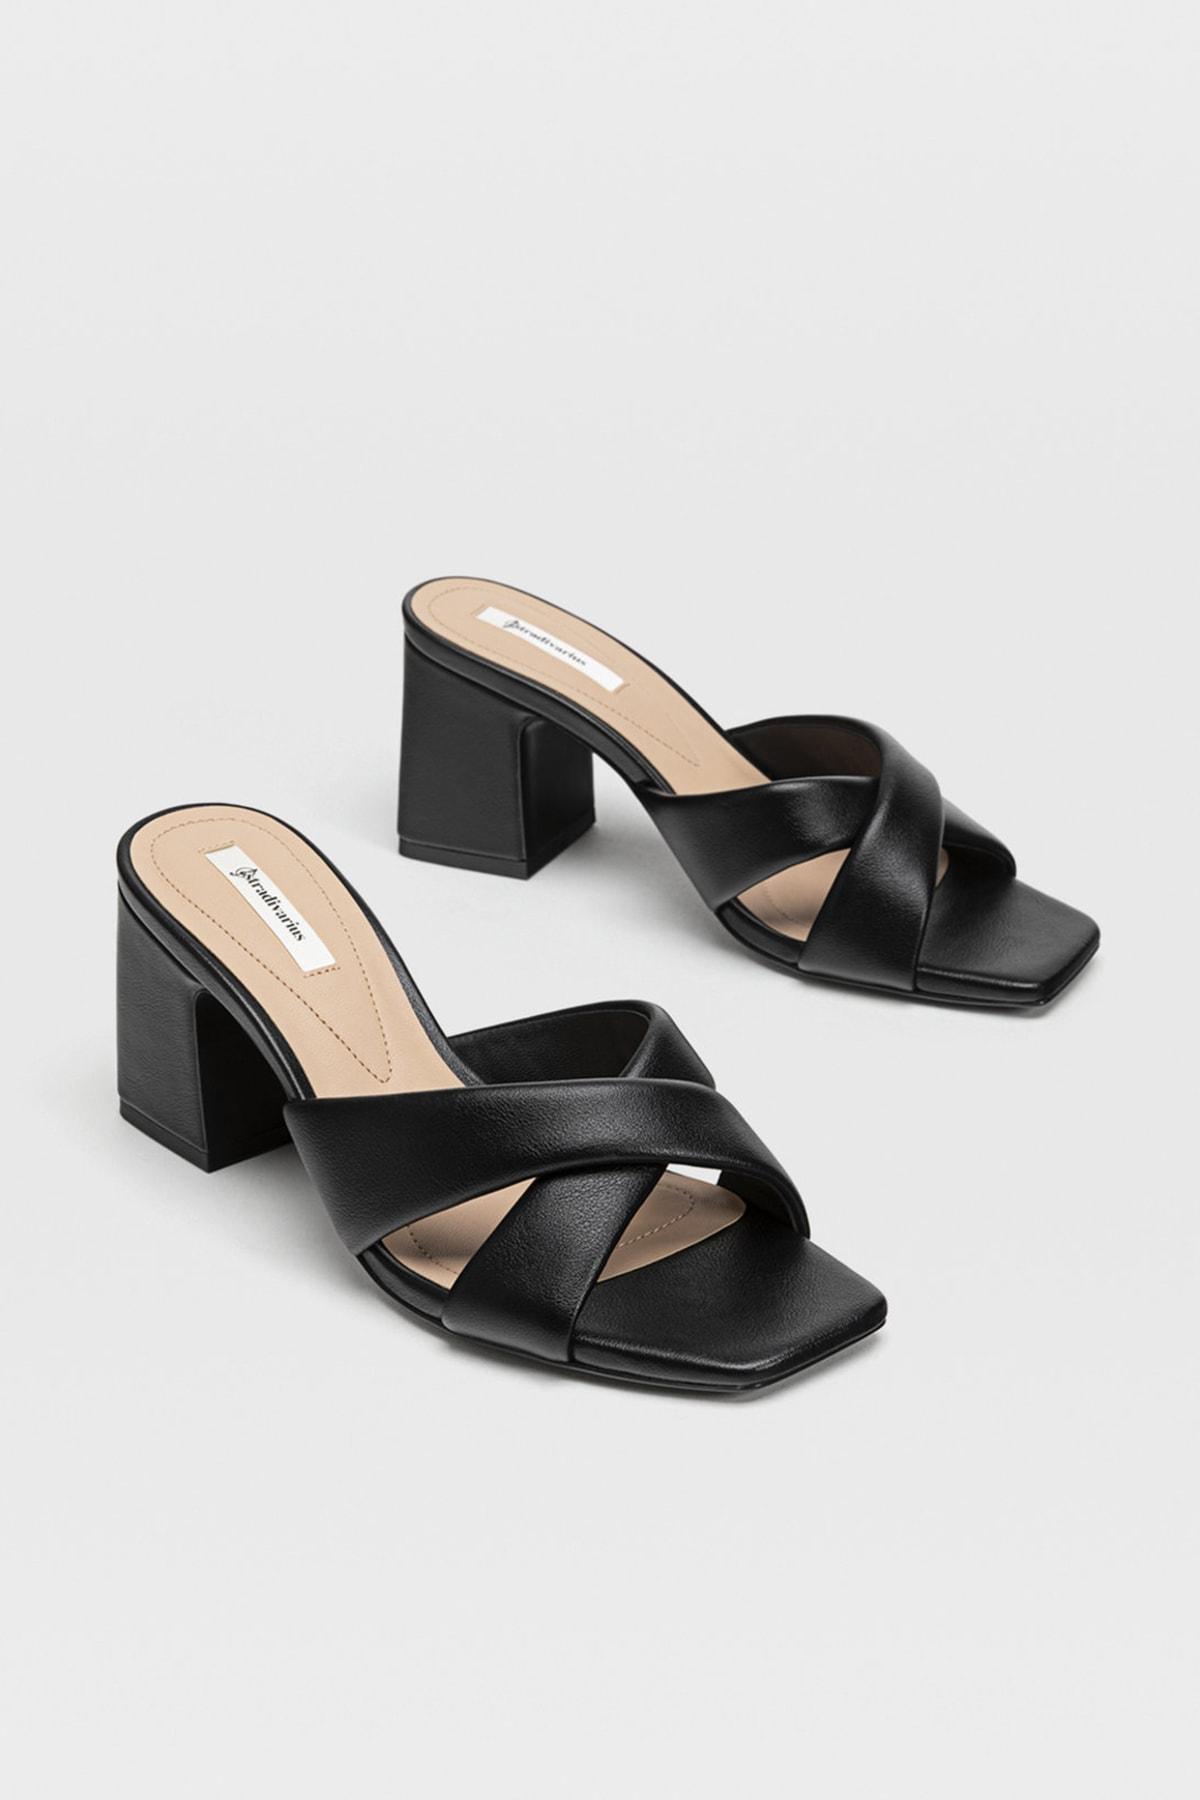 Stradivarius Kadın Siyah Dolgulu Topuklu Sandalet 19205571